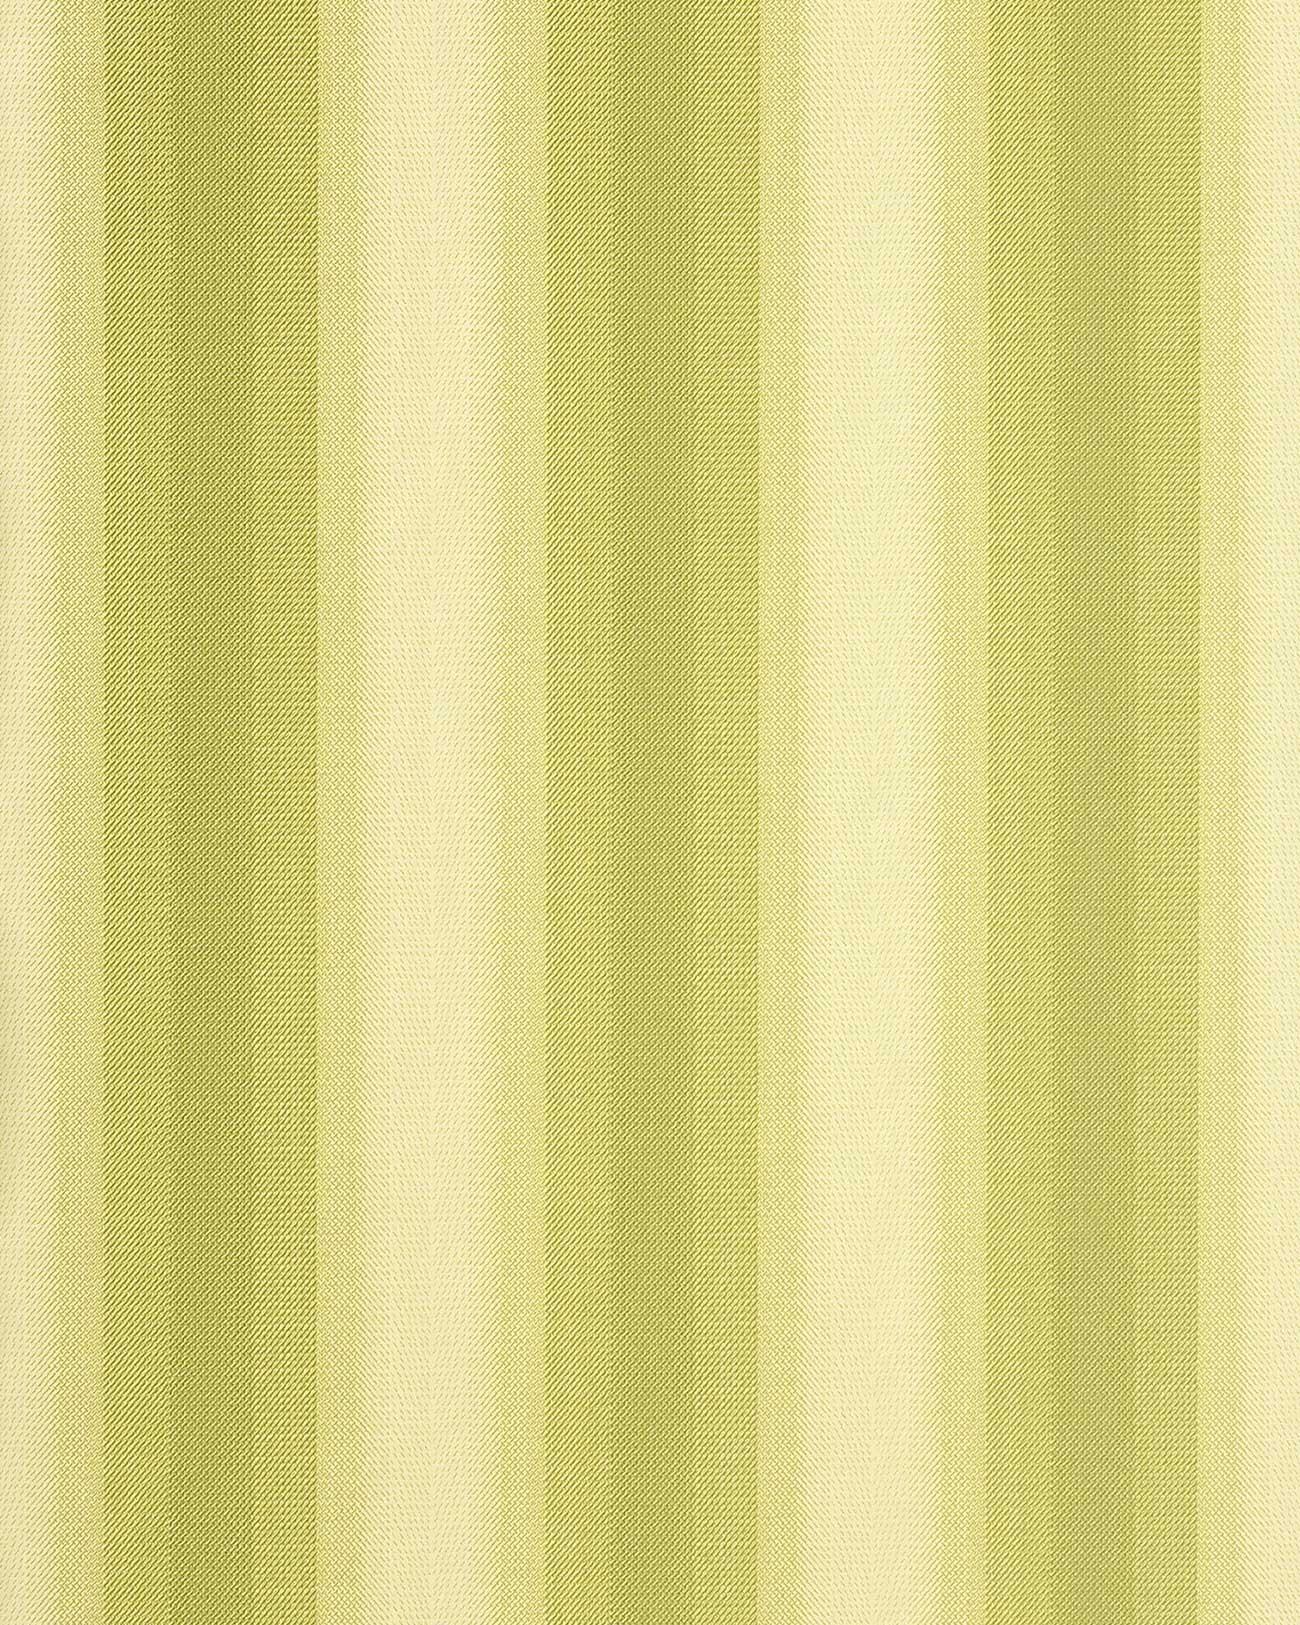 Papel pintado texturado de dise o a rayas edem 085 25 - Papel pintado de rayas ...